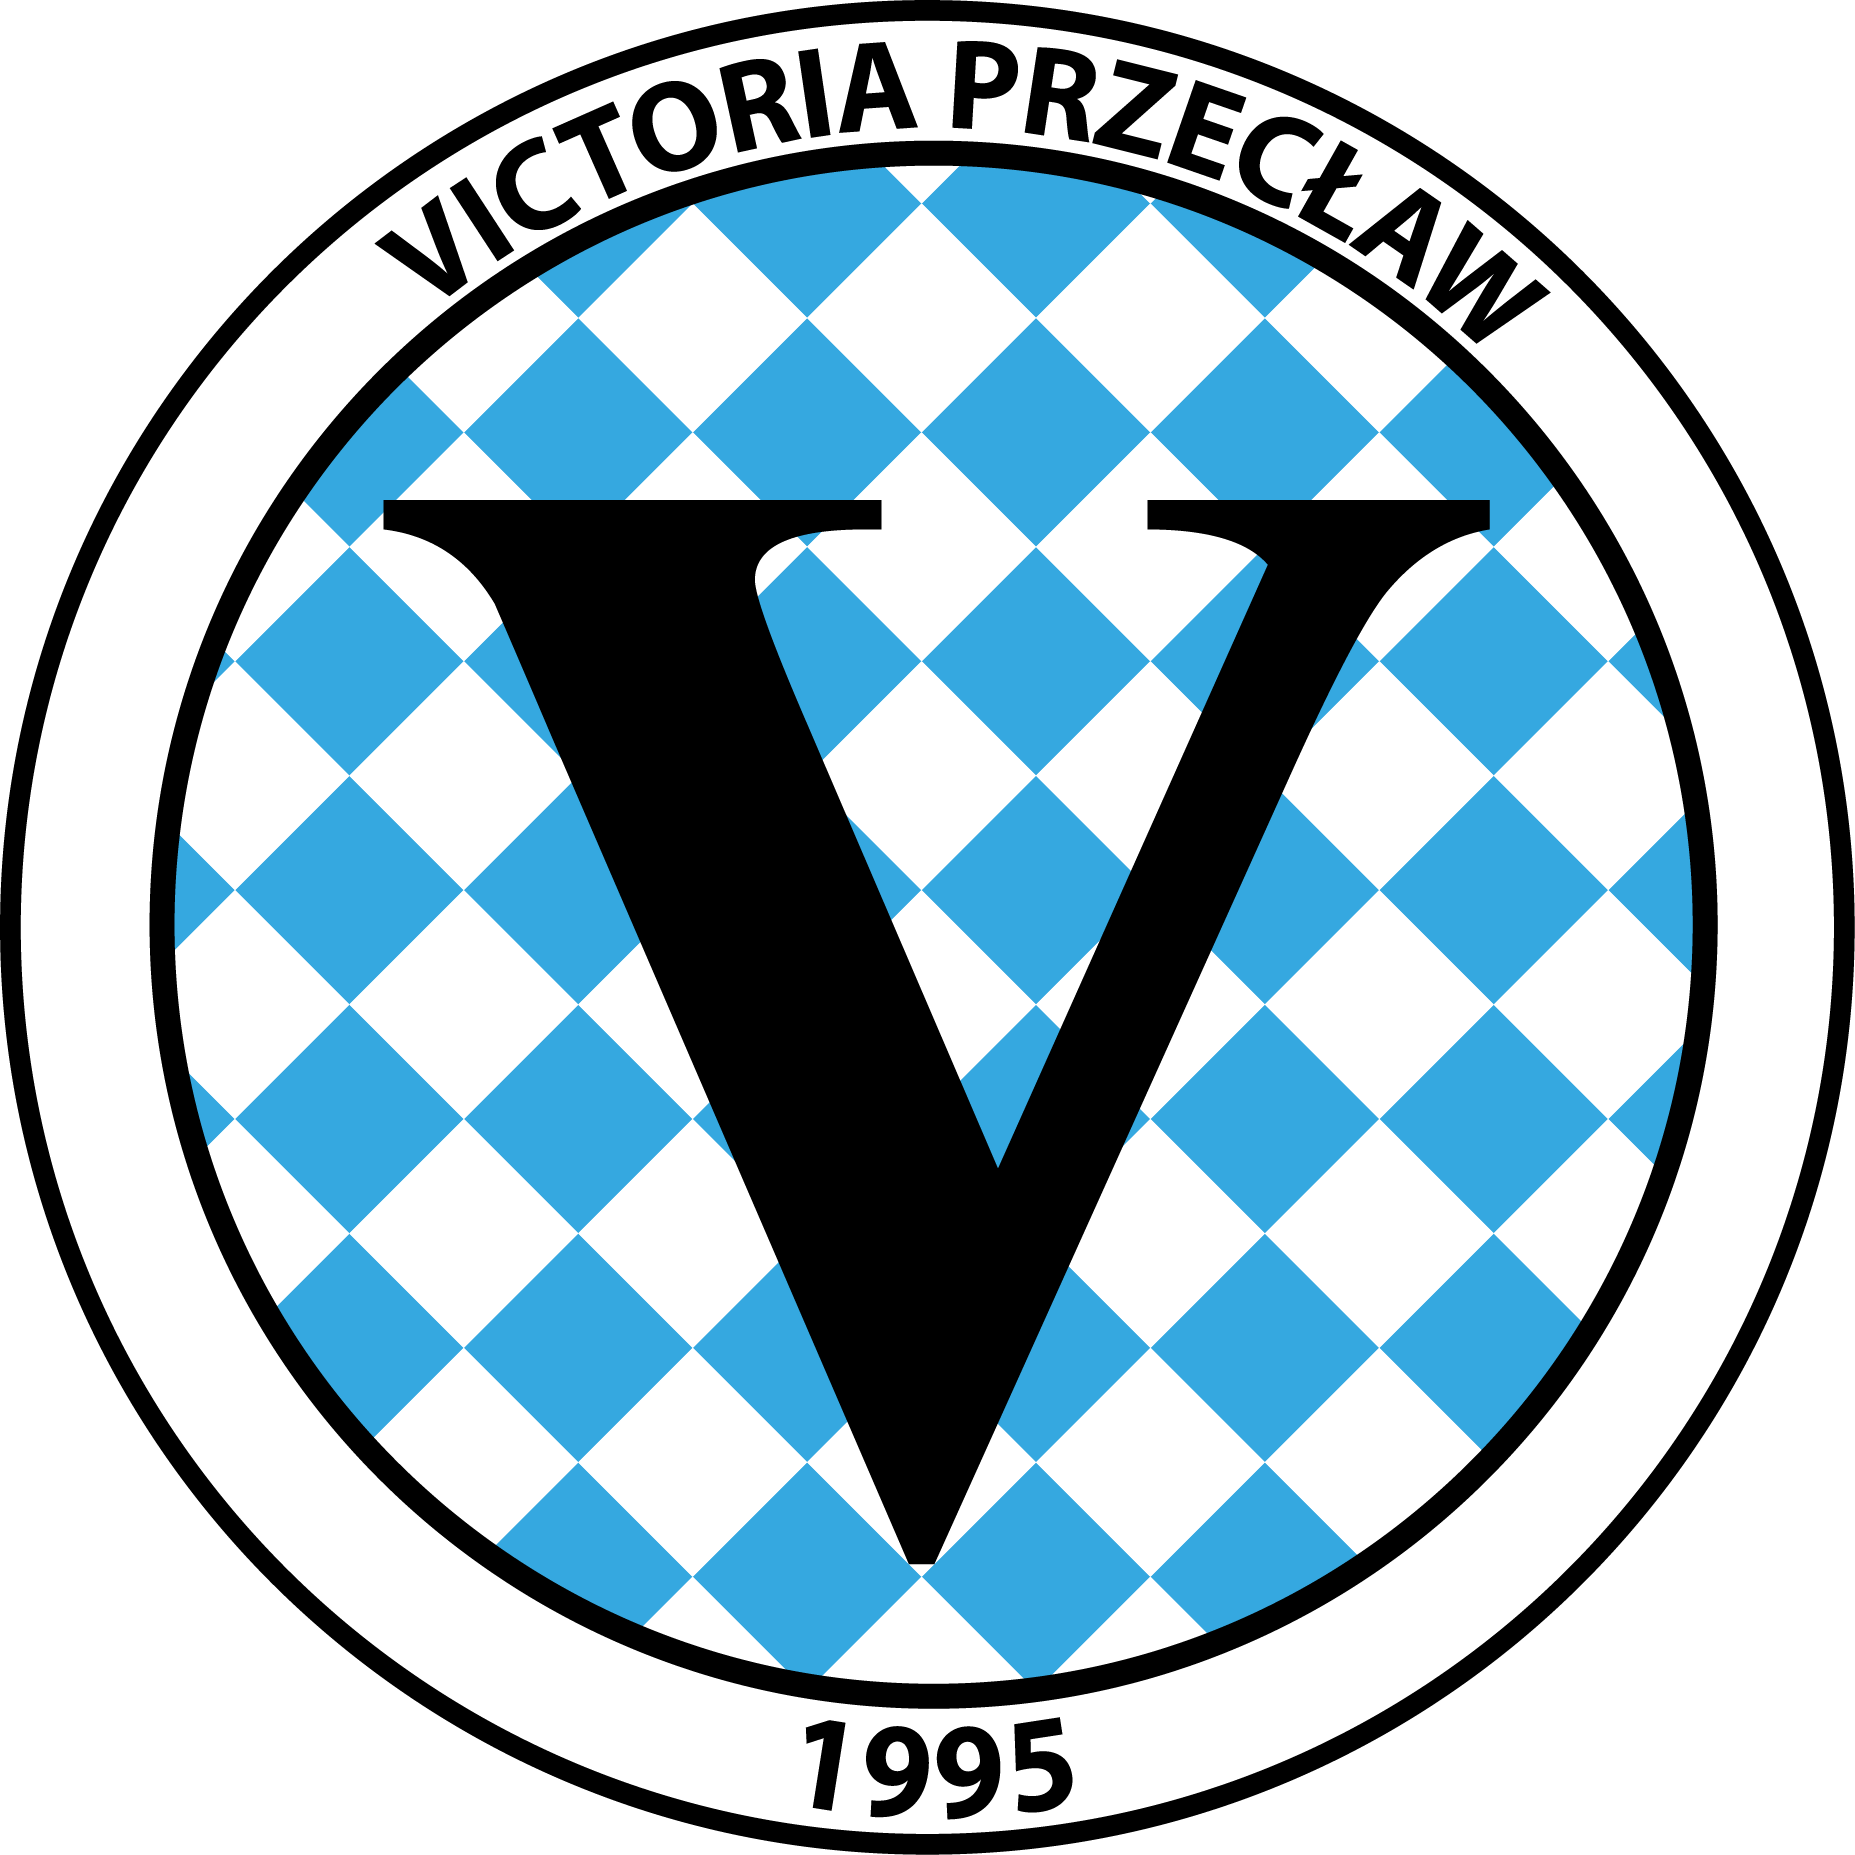 VICTORIA 95 Przecław